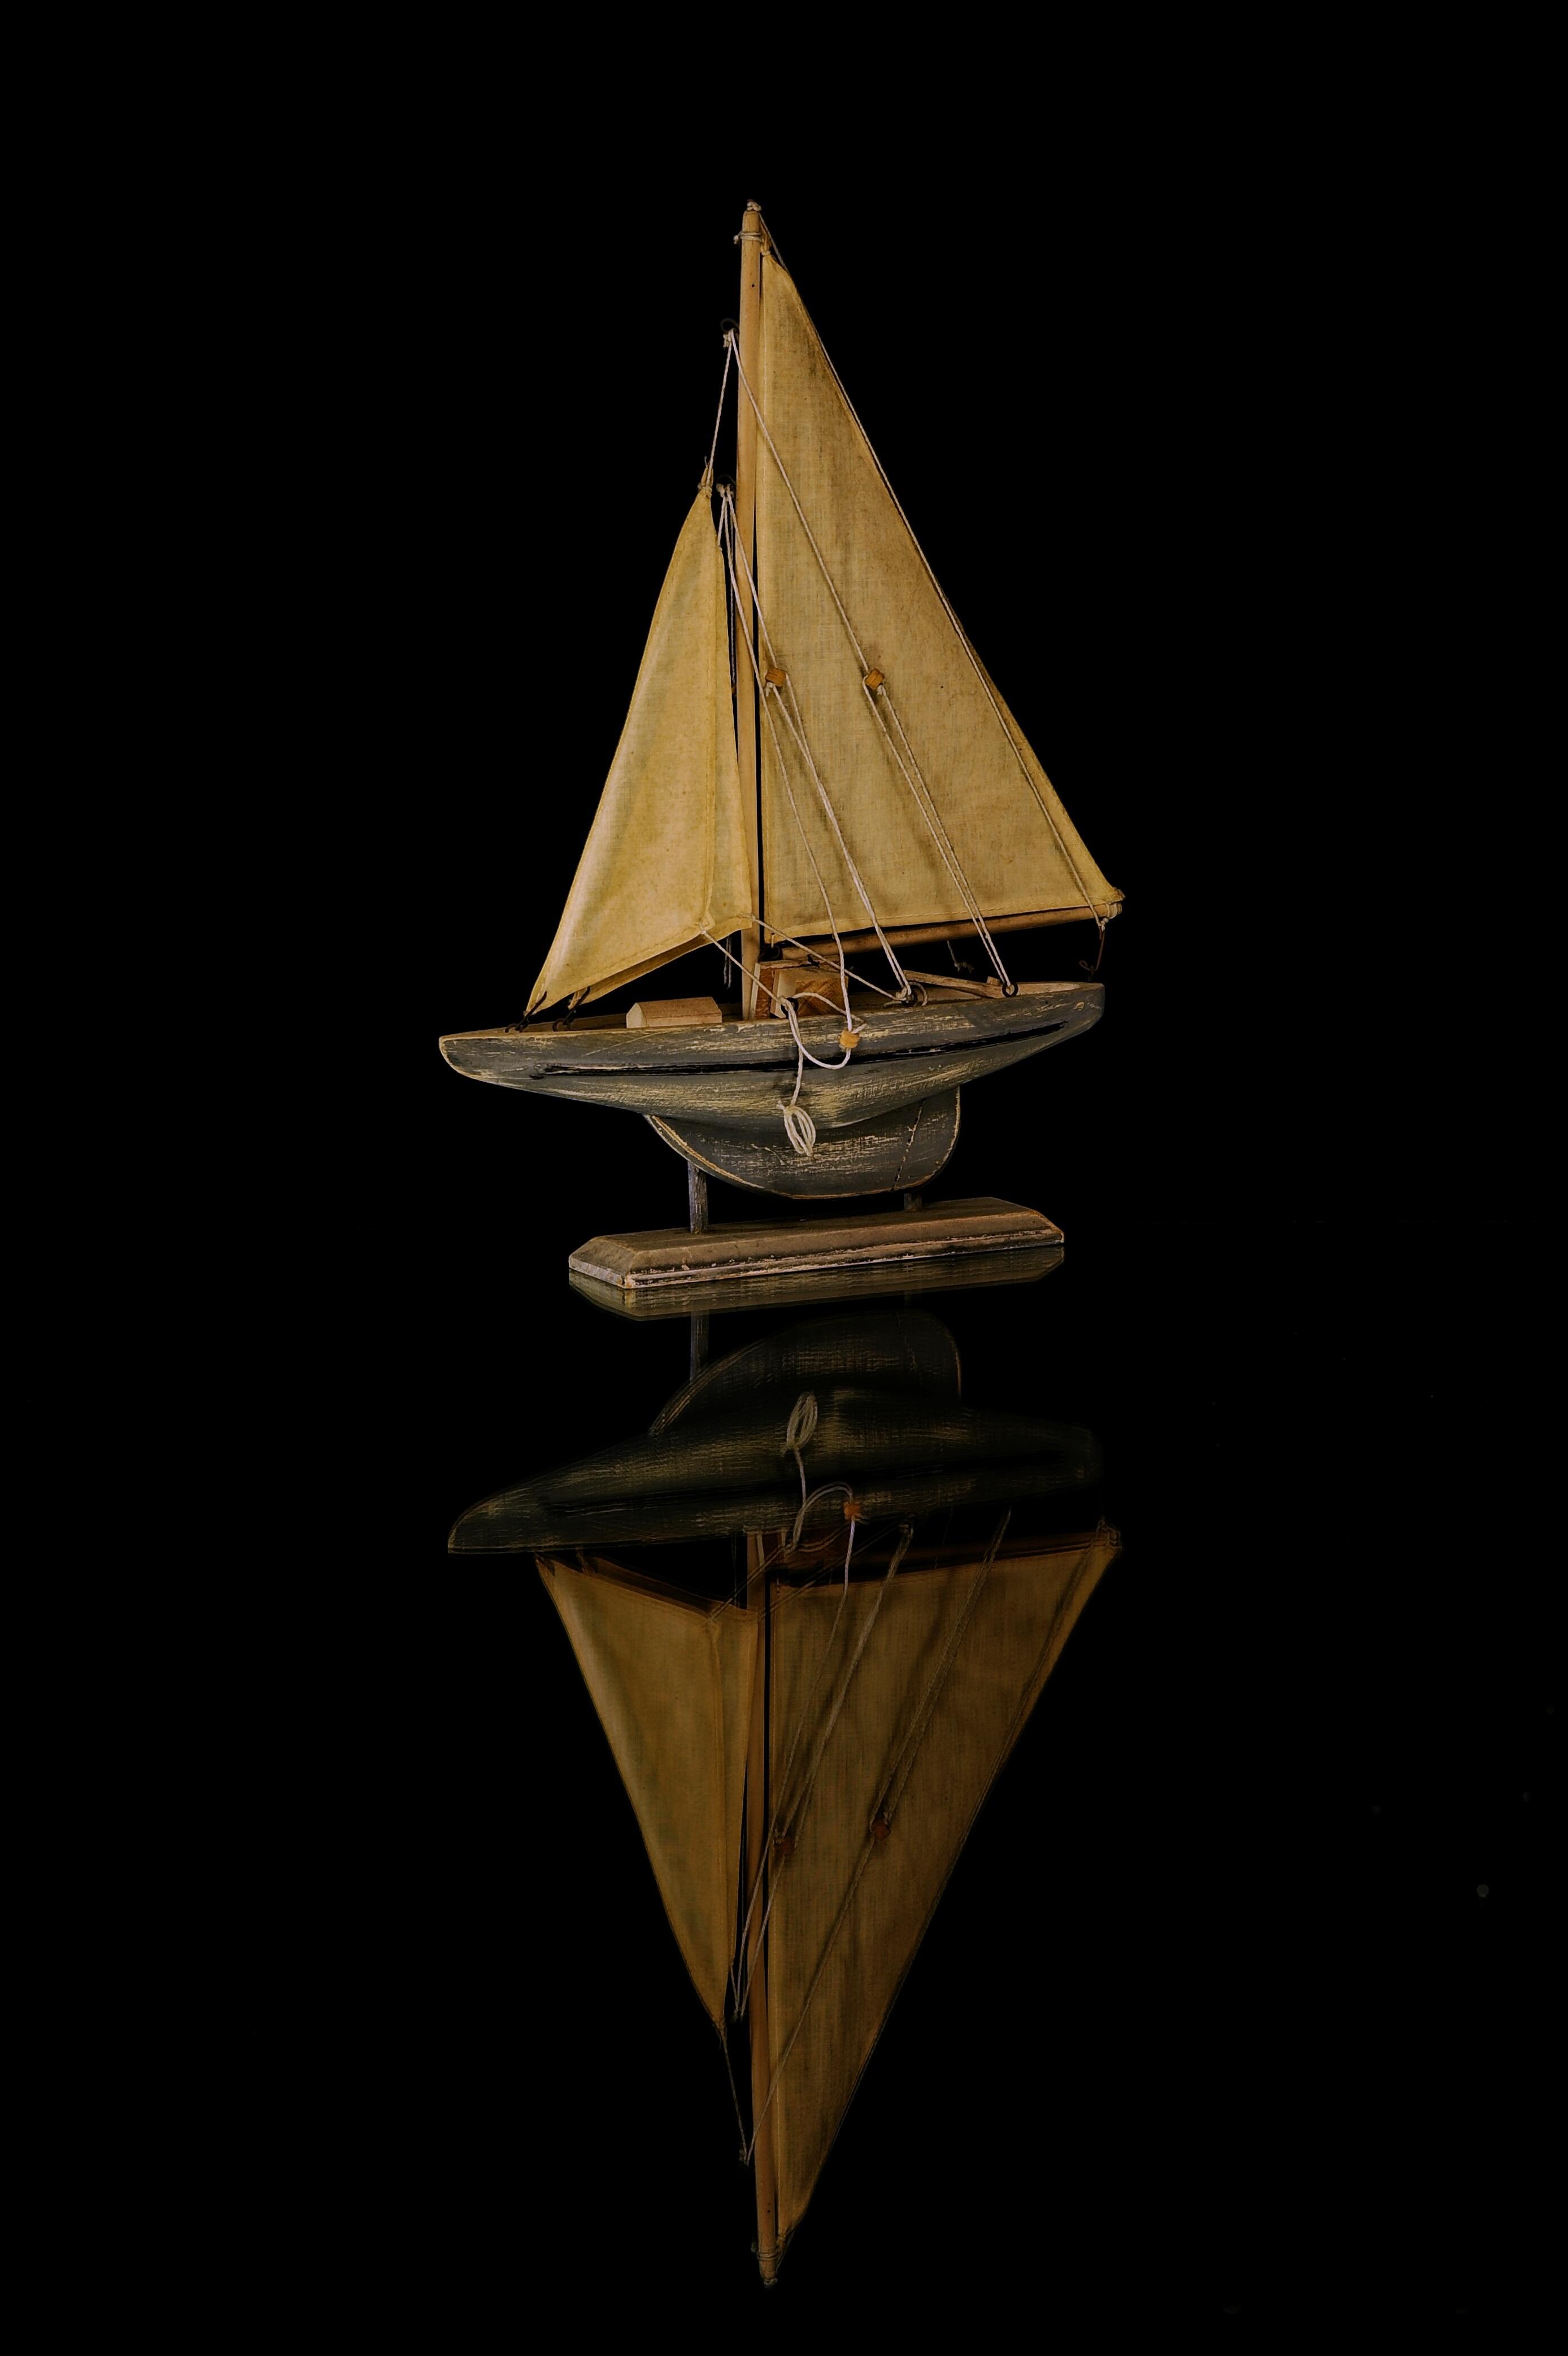 Gratis Afbeeldingen : zee, water, vleugel, boot, meer, voertuig ...